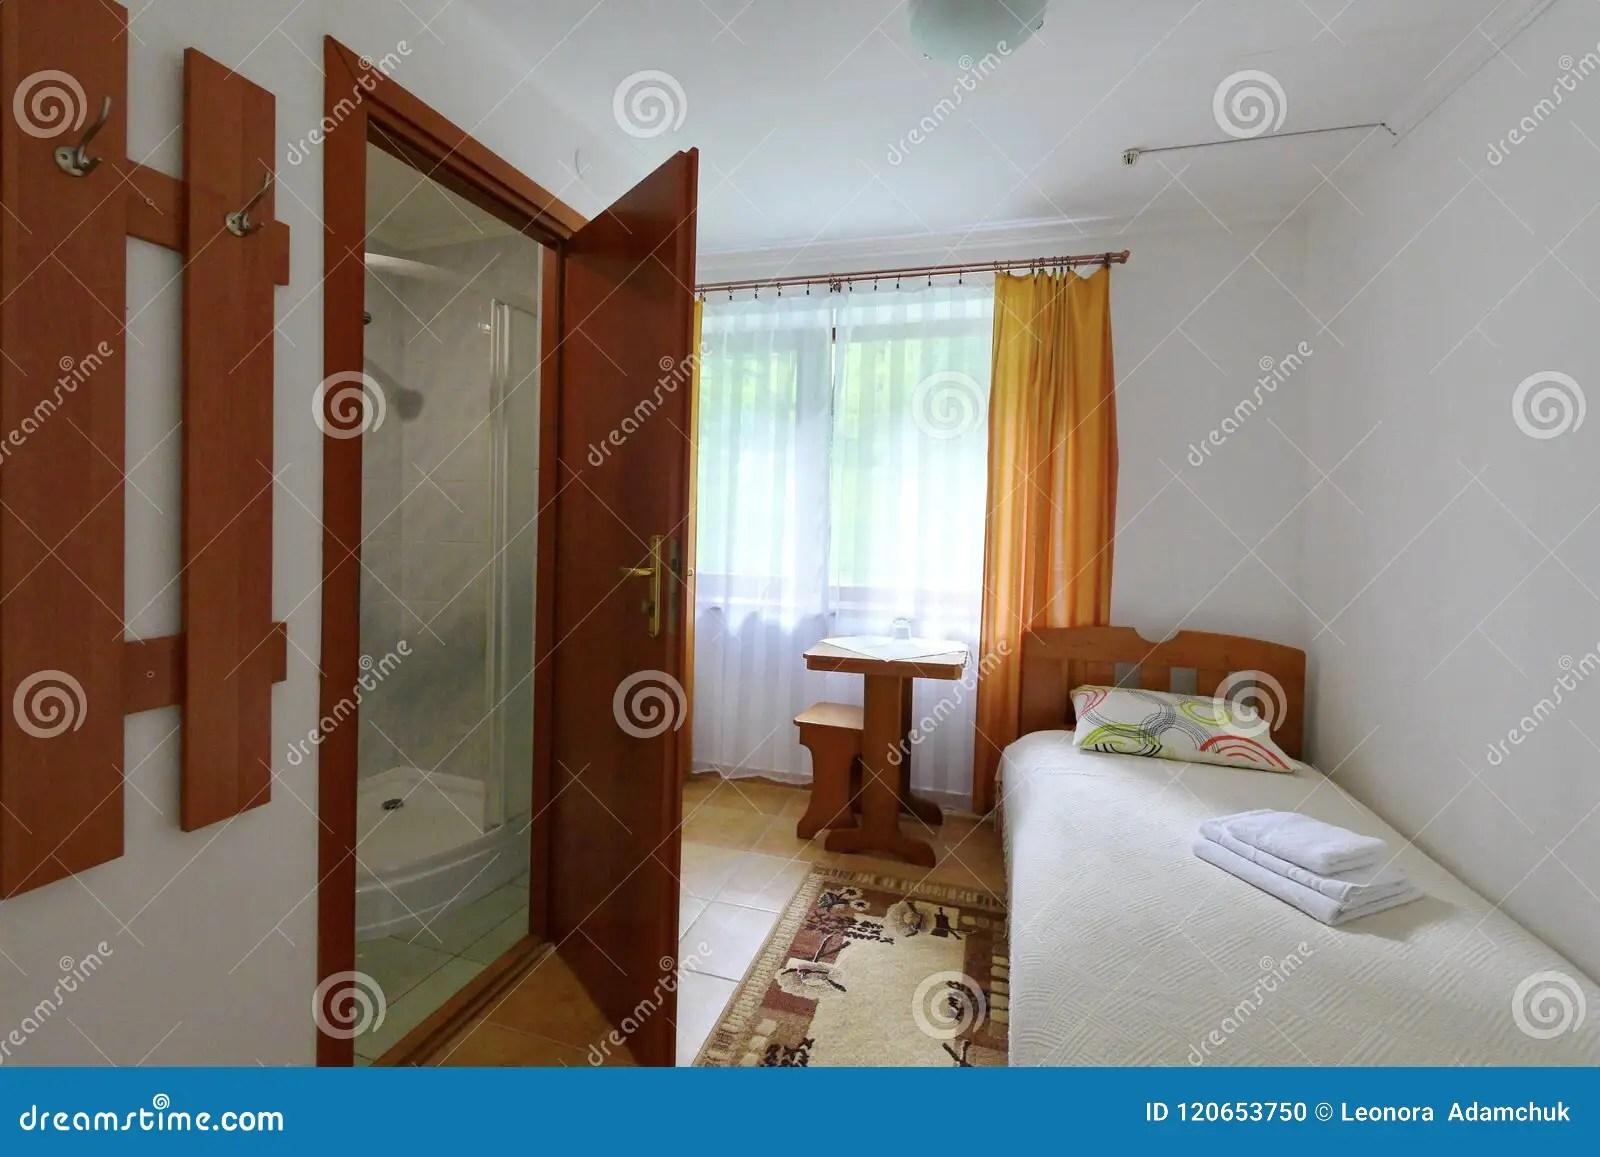 Une Petite Chambre D Hotel Avec Une Salle De Bains Combinee Et Un Lit Photo Stock Image Du Petite Hotel 120653750